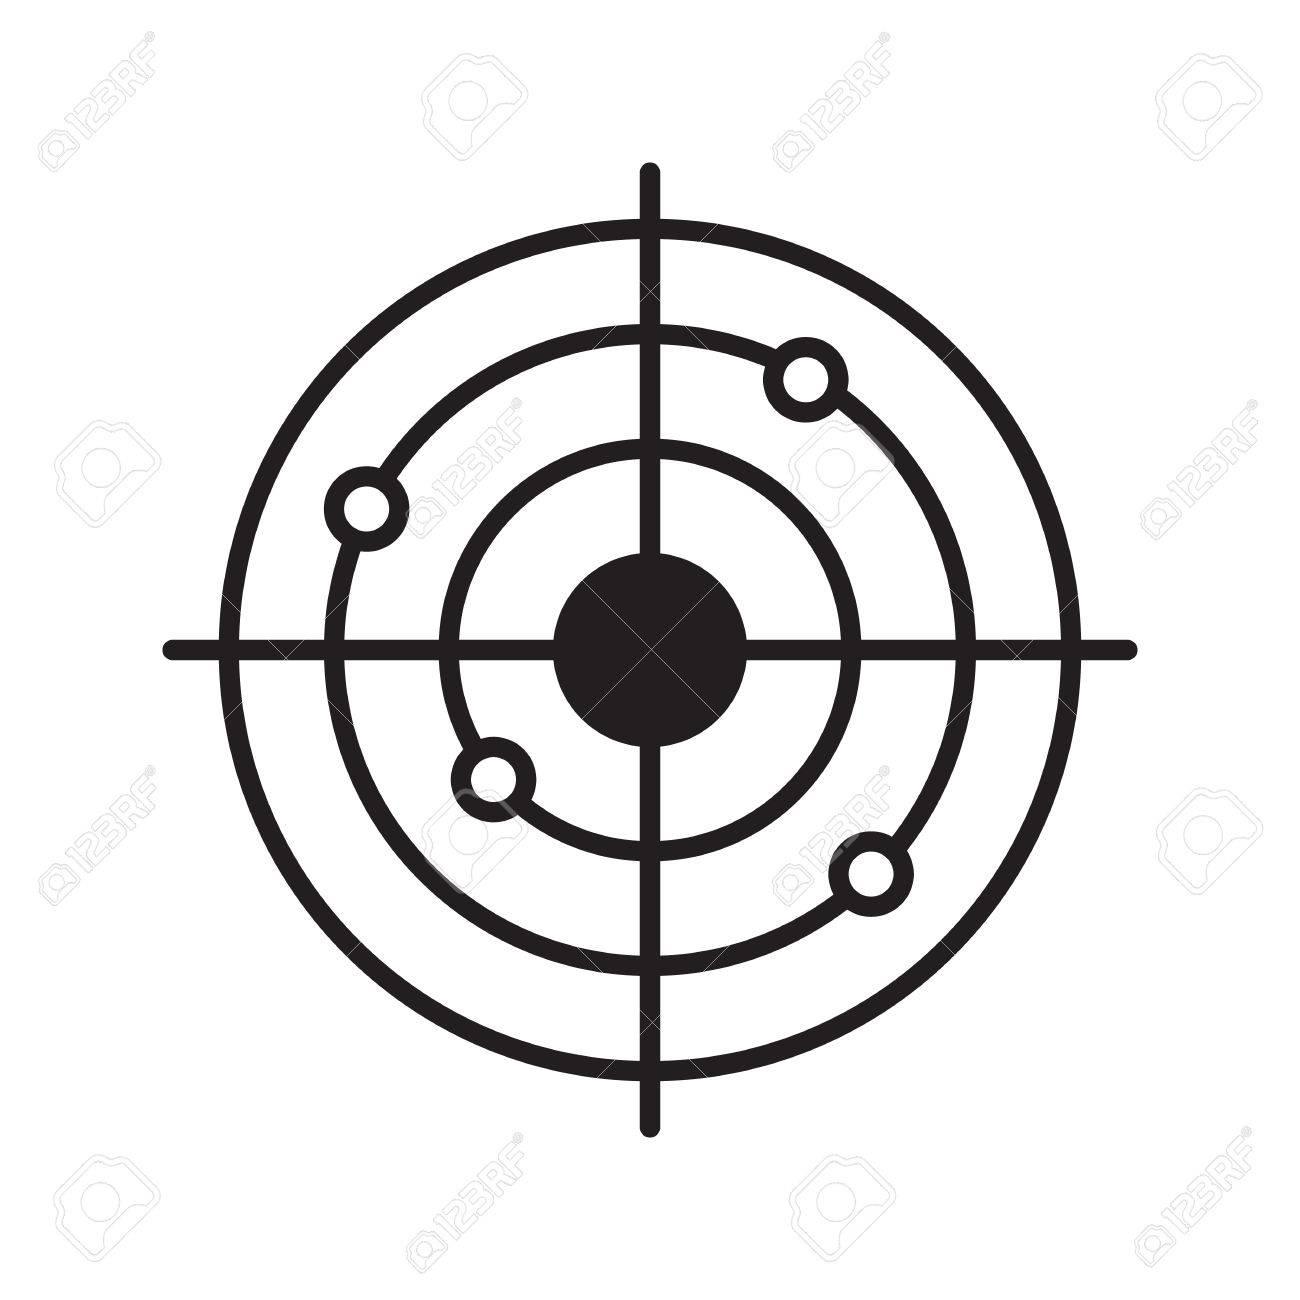 Shotgun Line Drawing At Getdrawings Com Free For